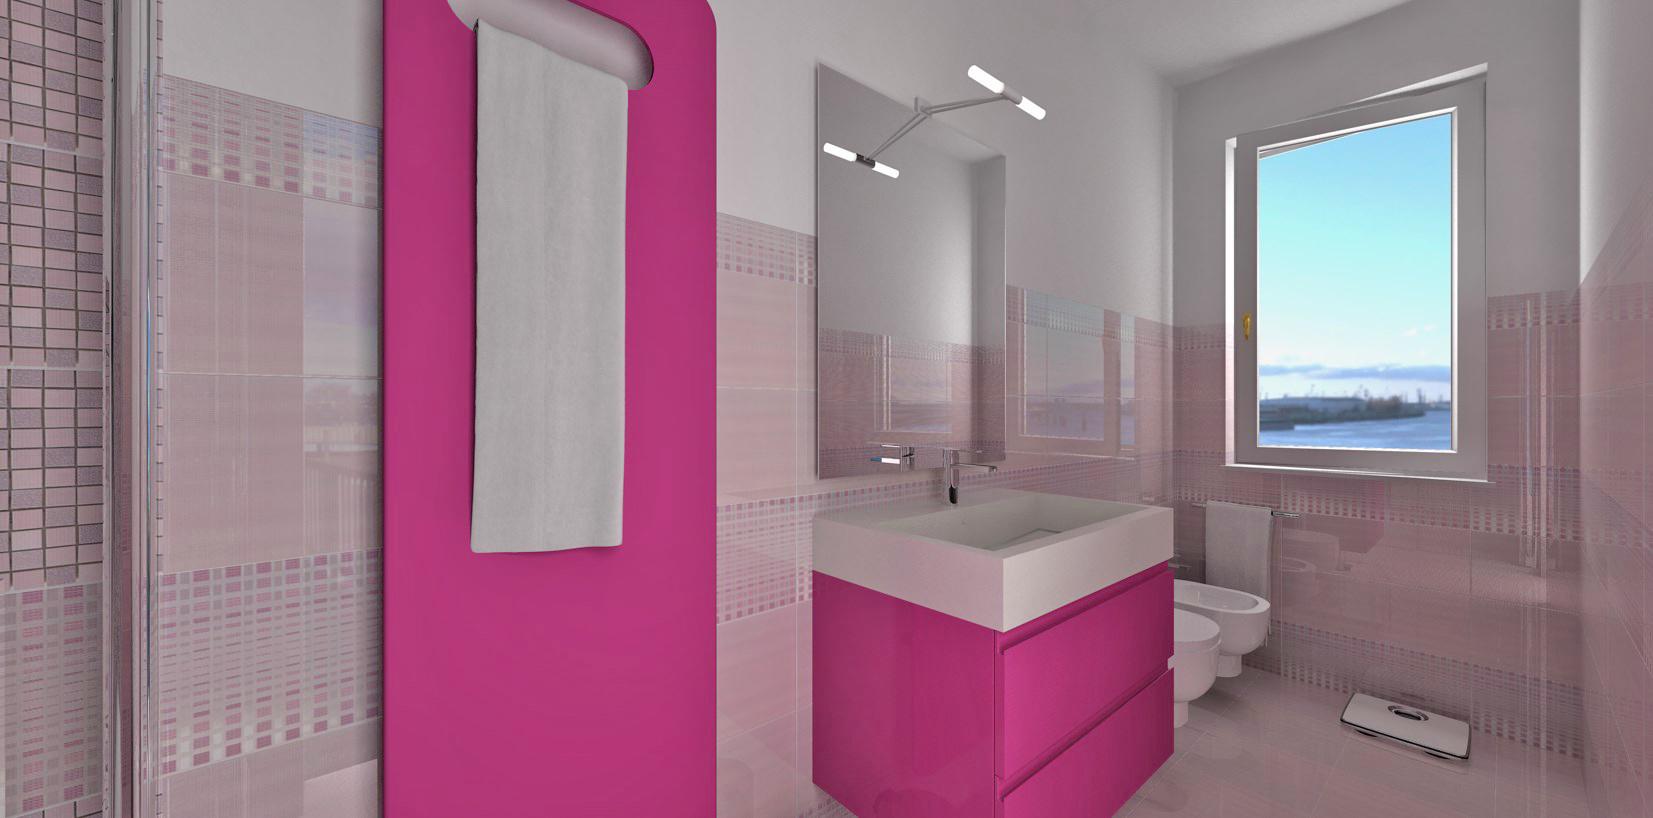 progettare un bagno piccolo: ecco i sanitari adatti - Bagno Piccolo Soluzioni